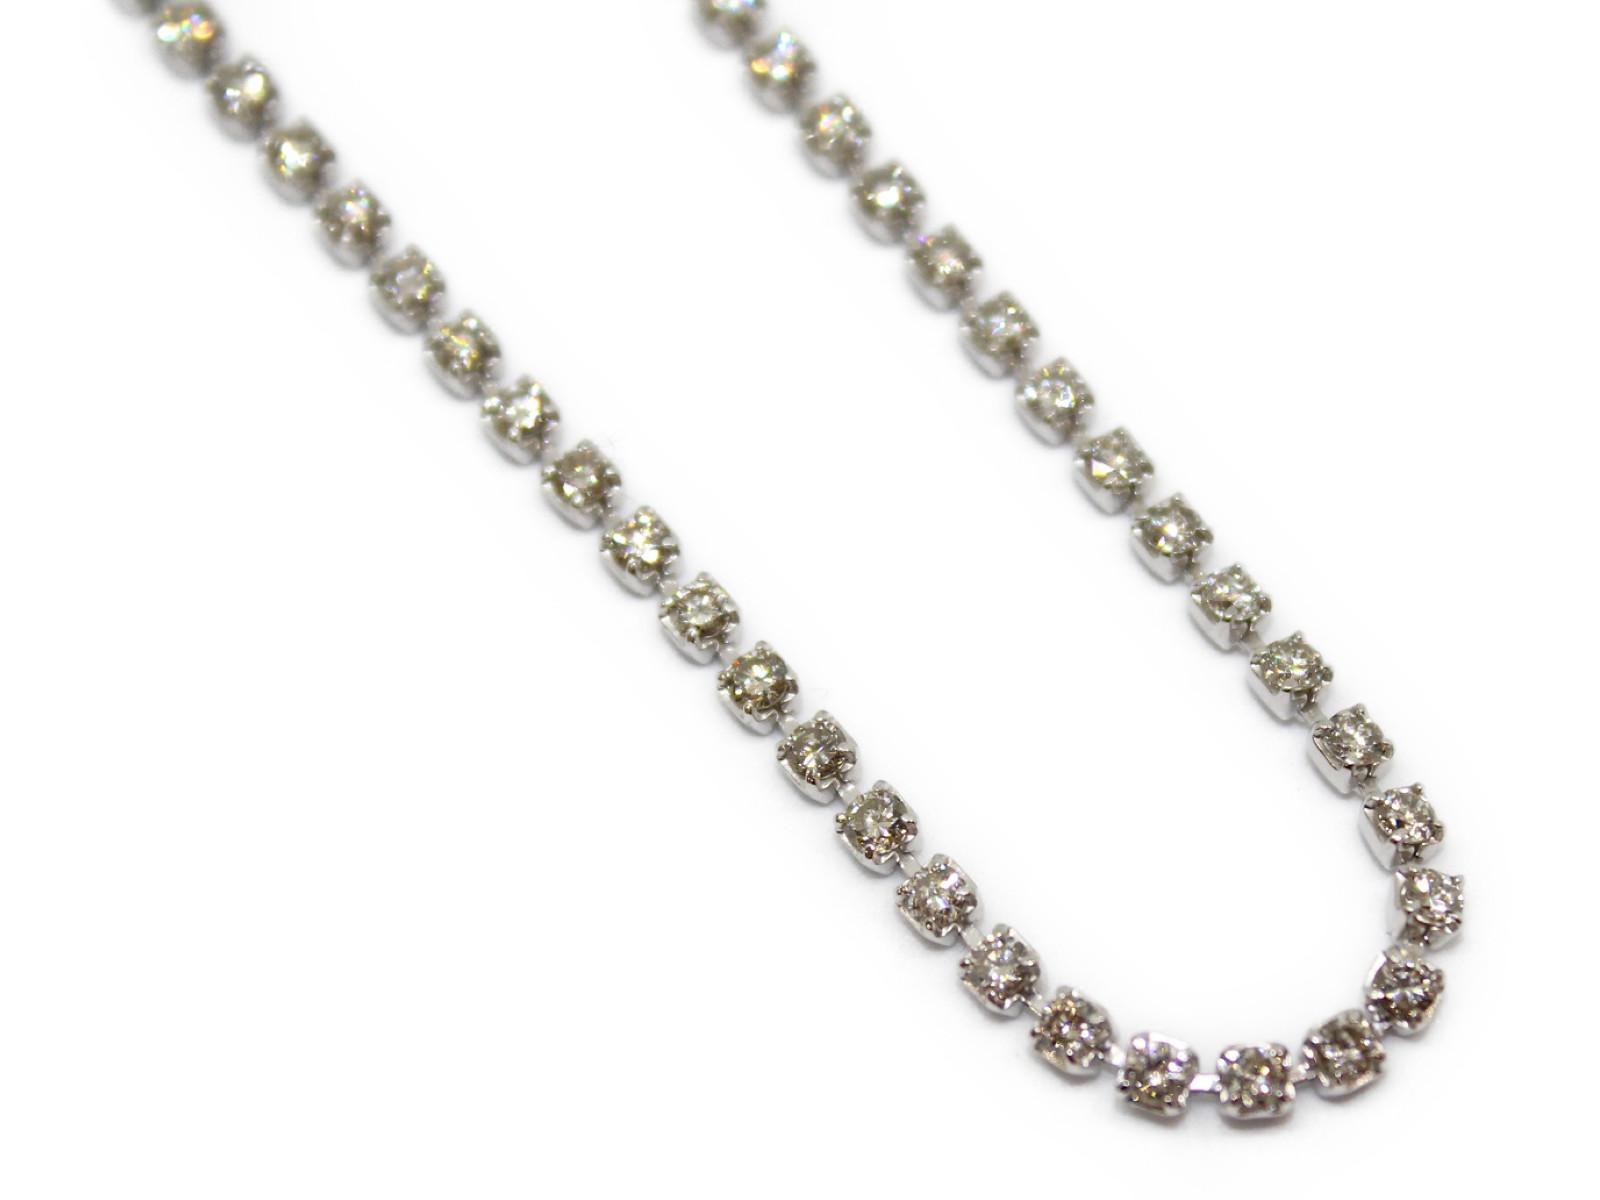 テニスネックレスダイヤモンド5ctPt850 13g 約41cmラグジュアリー 美品ギフト包装可 【中古】